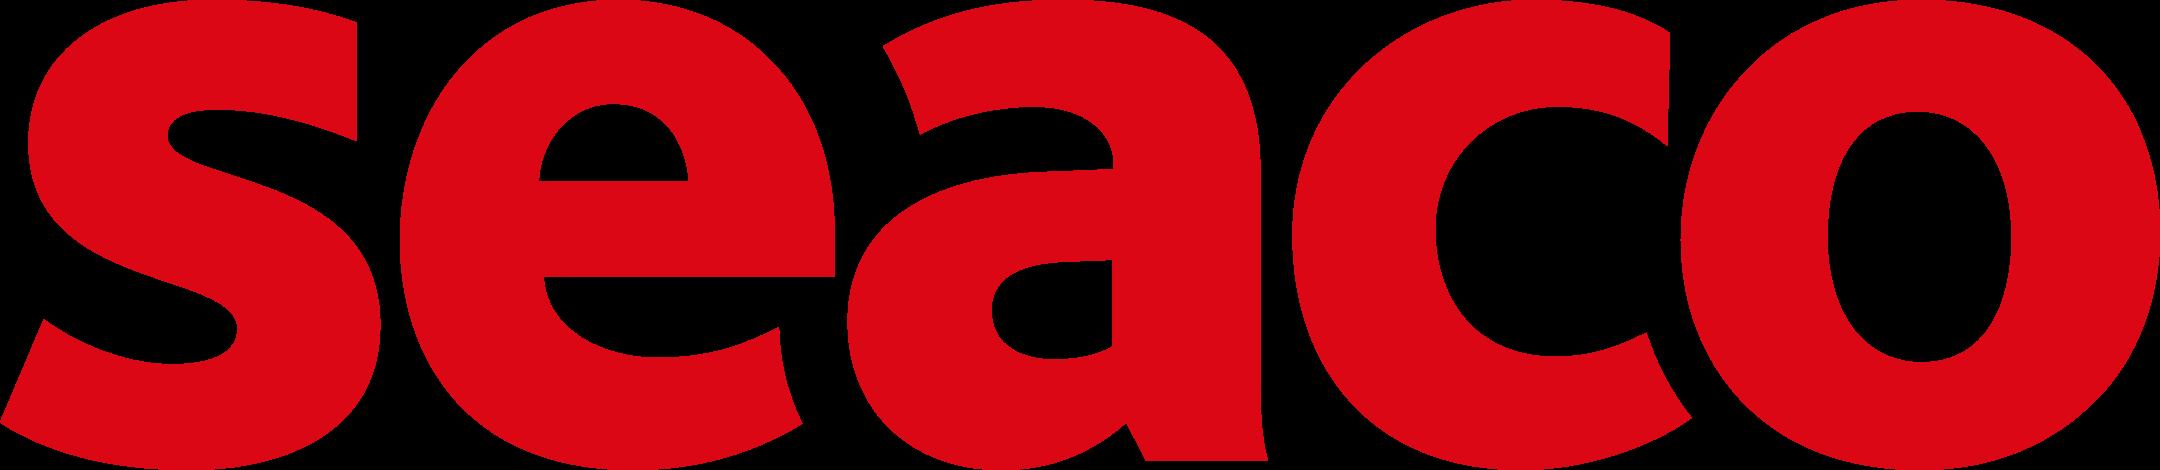 seaco logo 1 - Seaco Logo